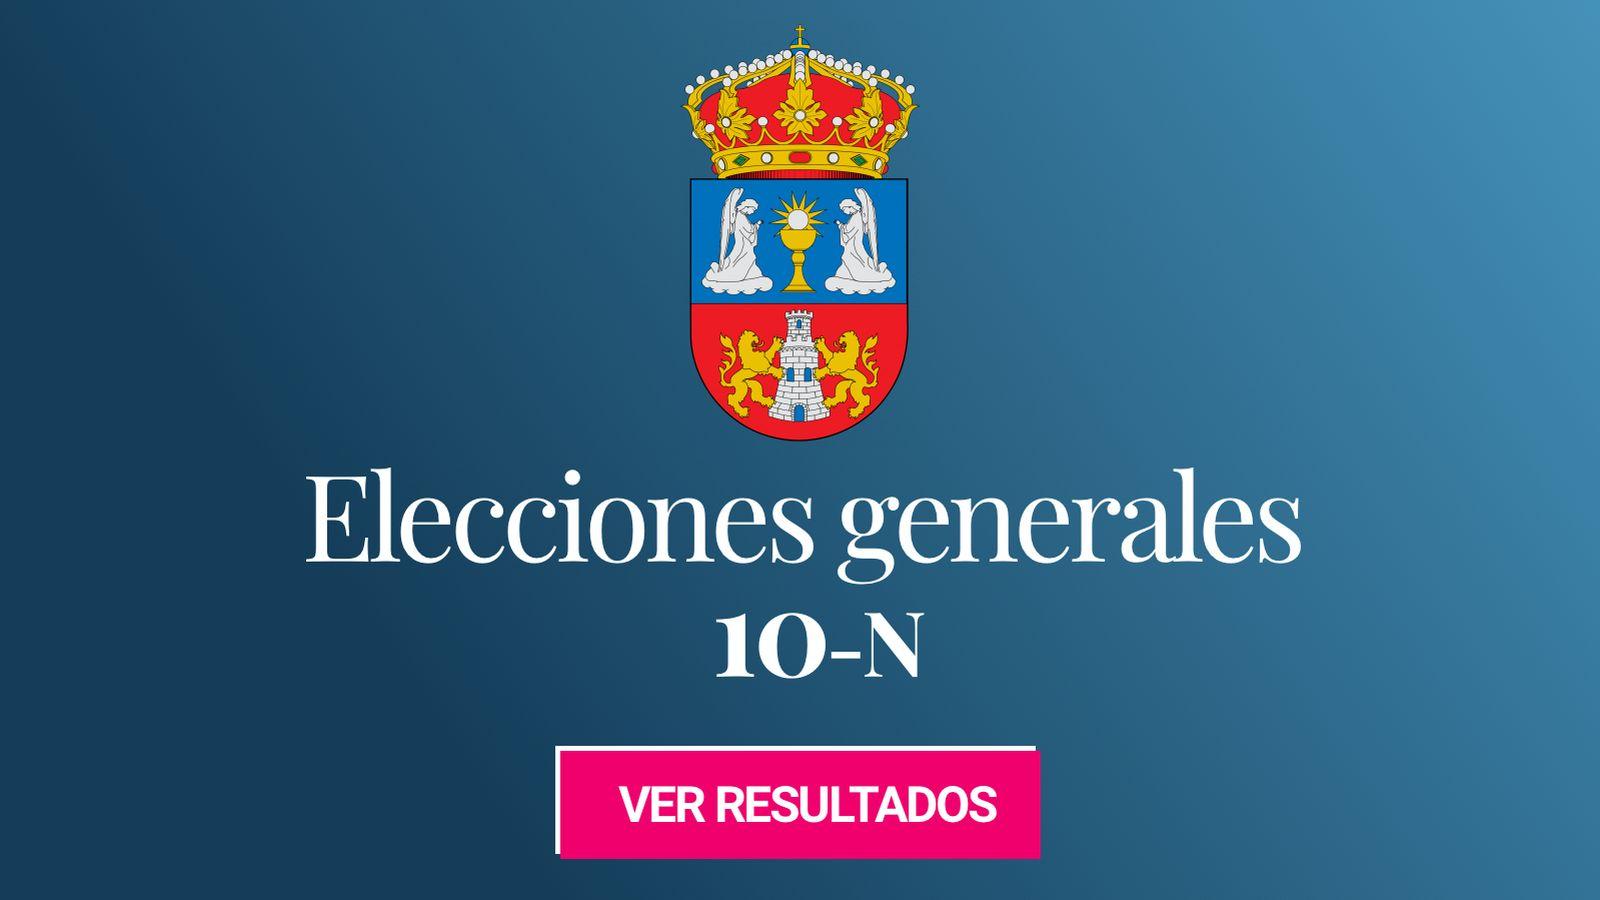 Foto: Elecciones generales 2019 en la provincia de Lugo. (C.C./SanchoPanzaXXI)